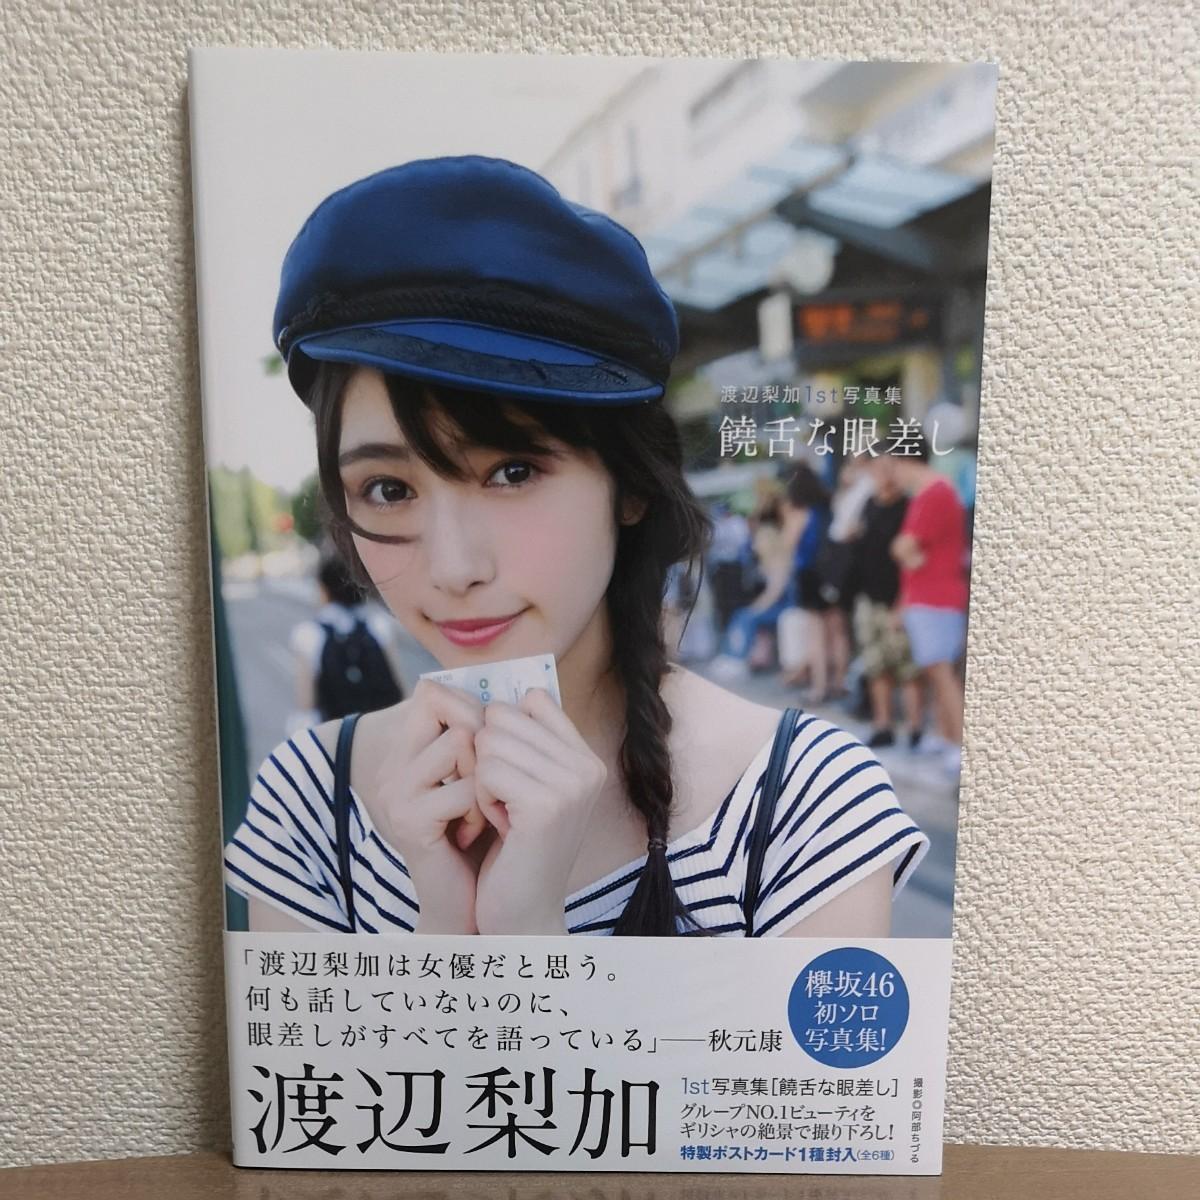 【ポストカード付き】饒舌な眼差し 渡辺梨加1st写真集